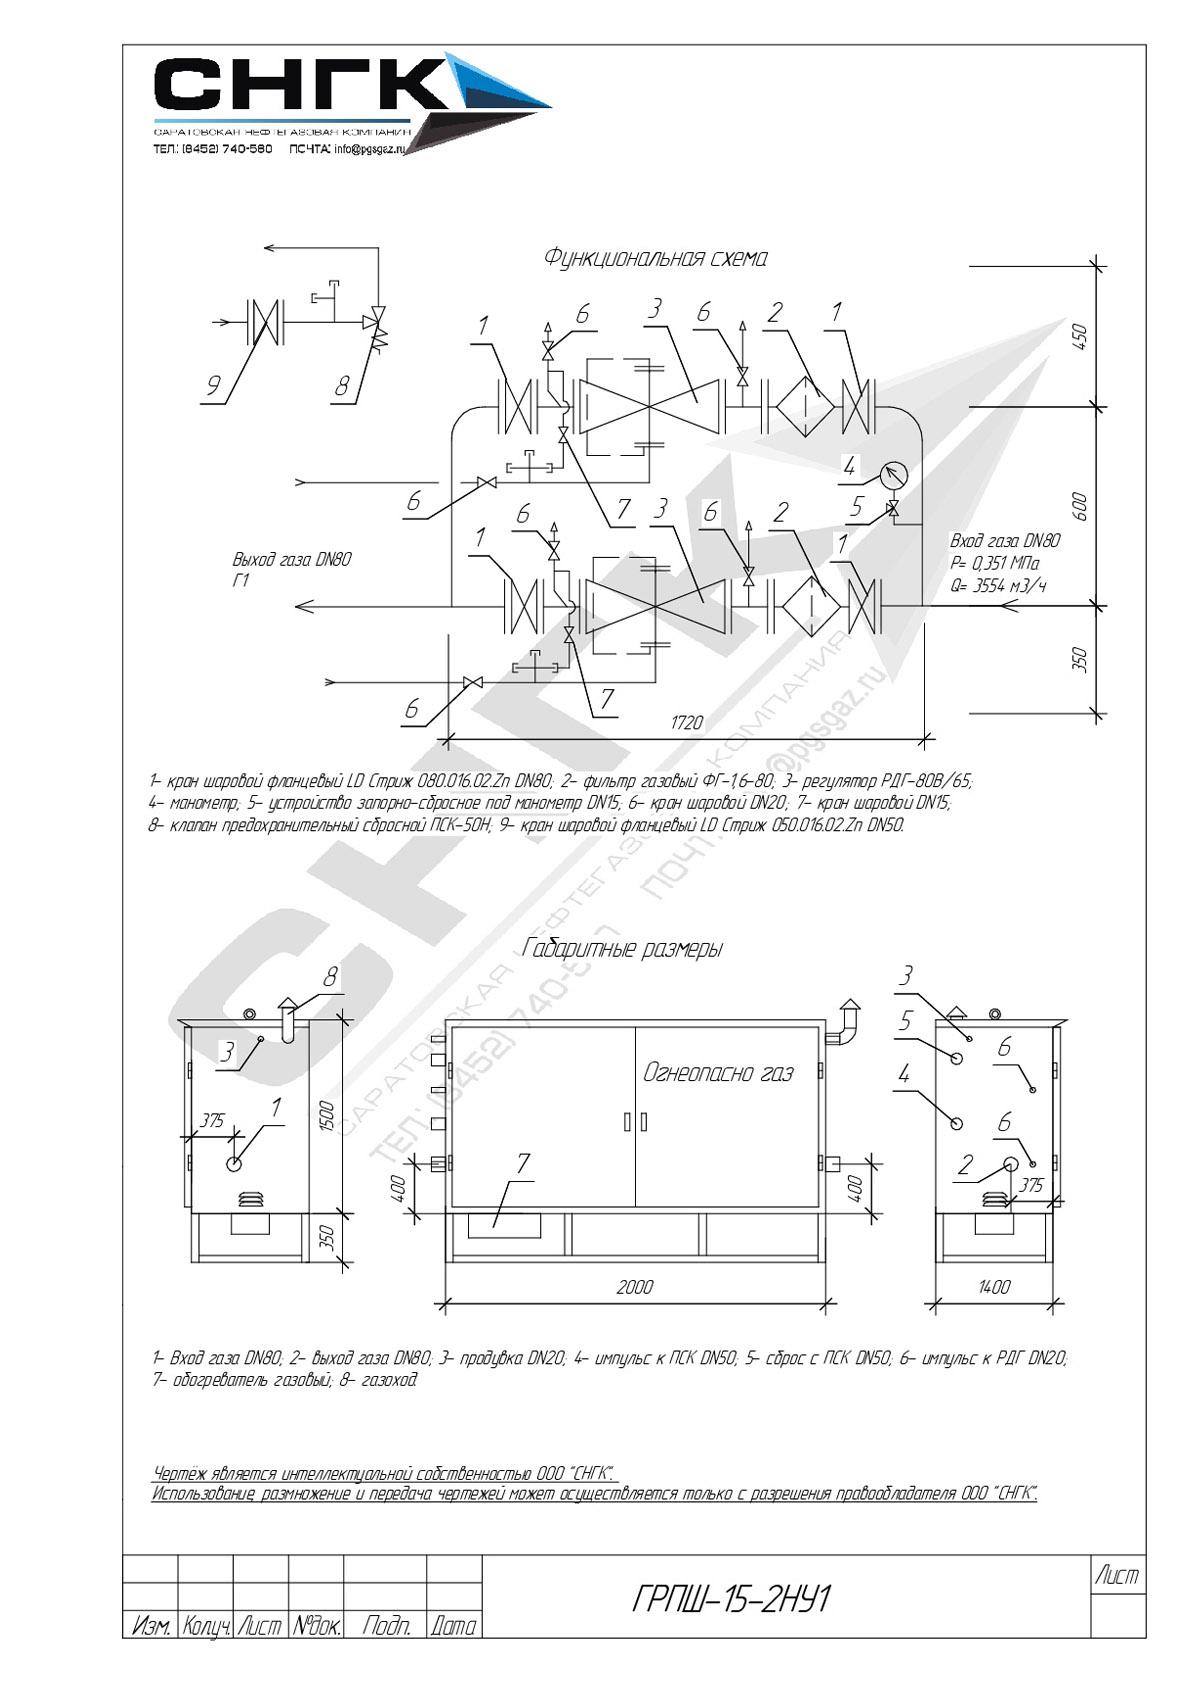 Газорегуляторные пункты шкафные ГРПШ-15-2Н-У1, ГРПШ-15-2В-У1, ШЗР